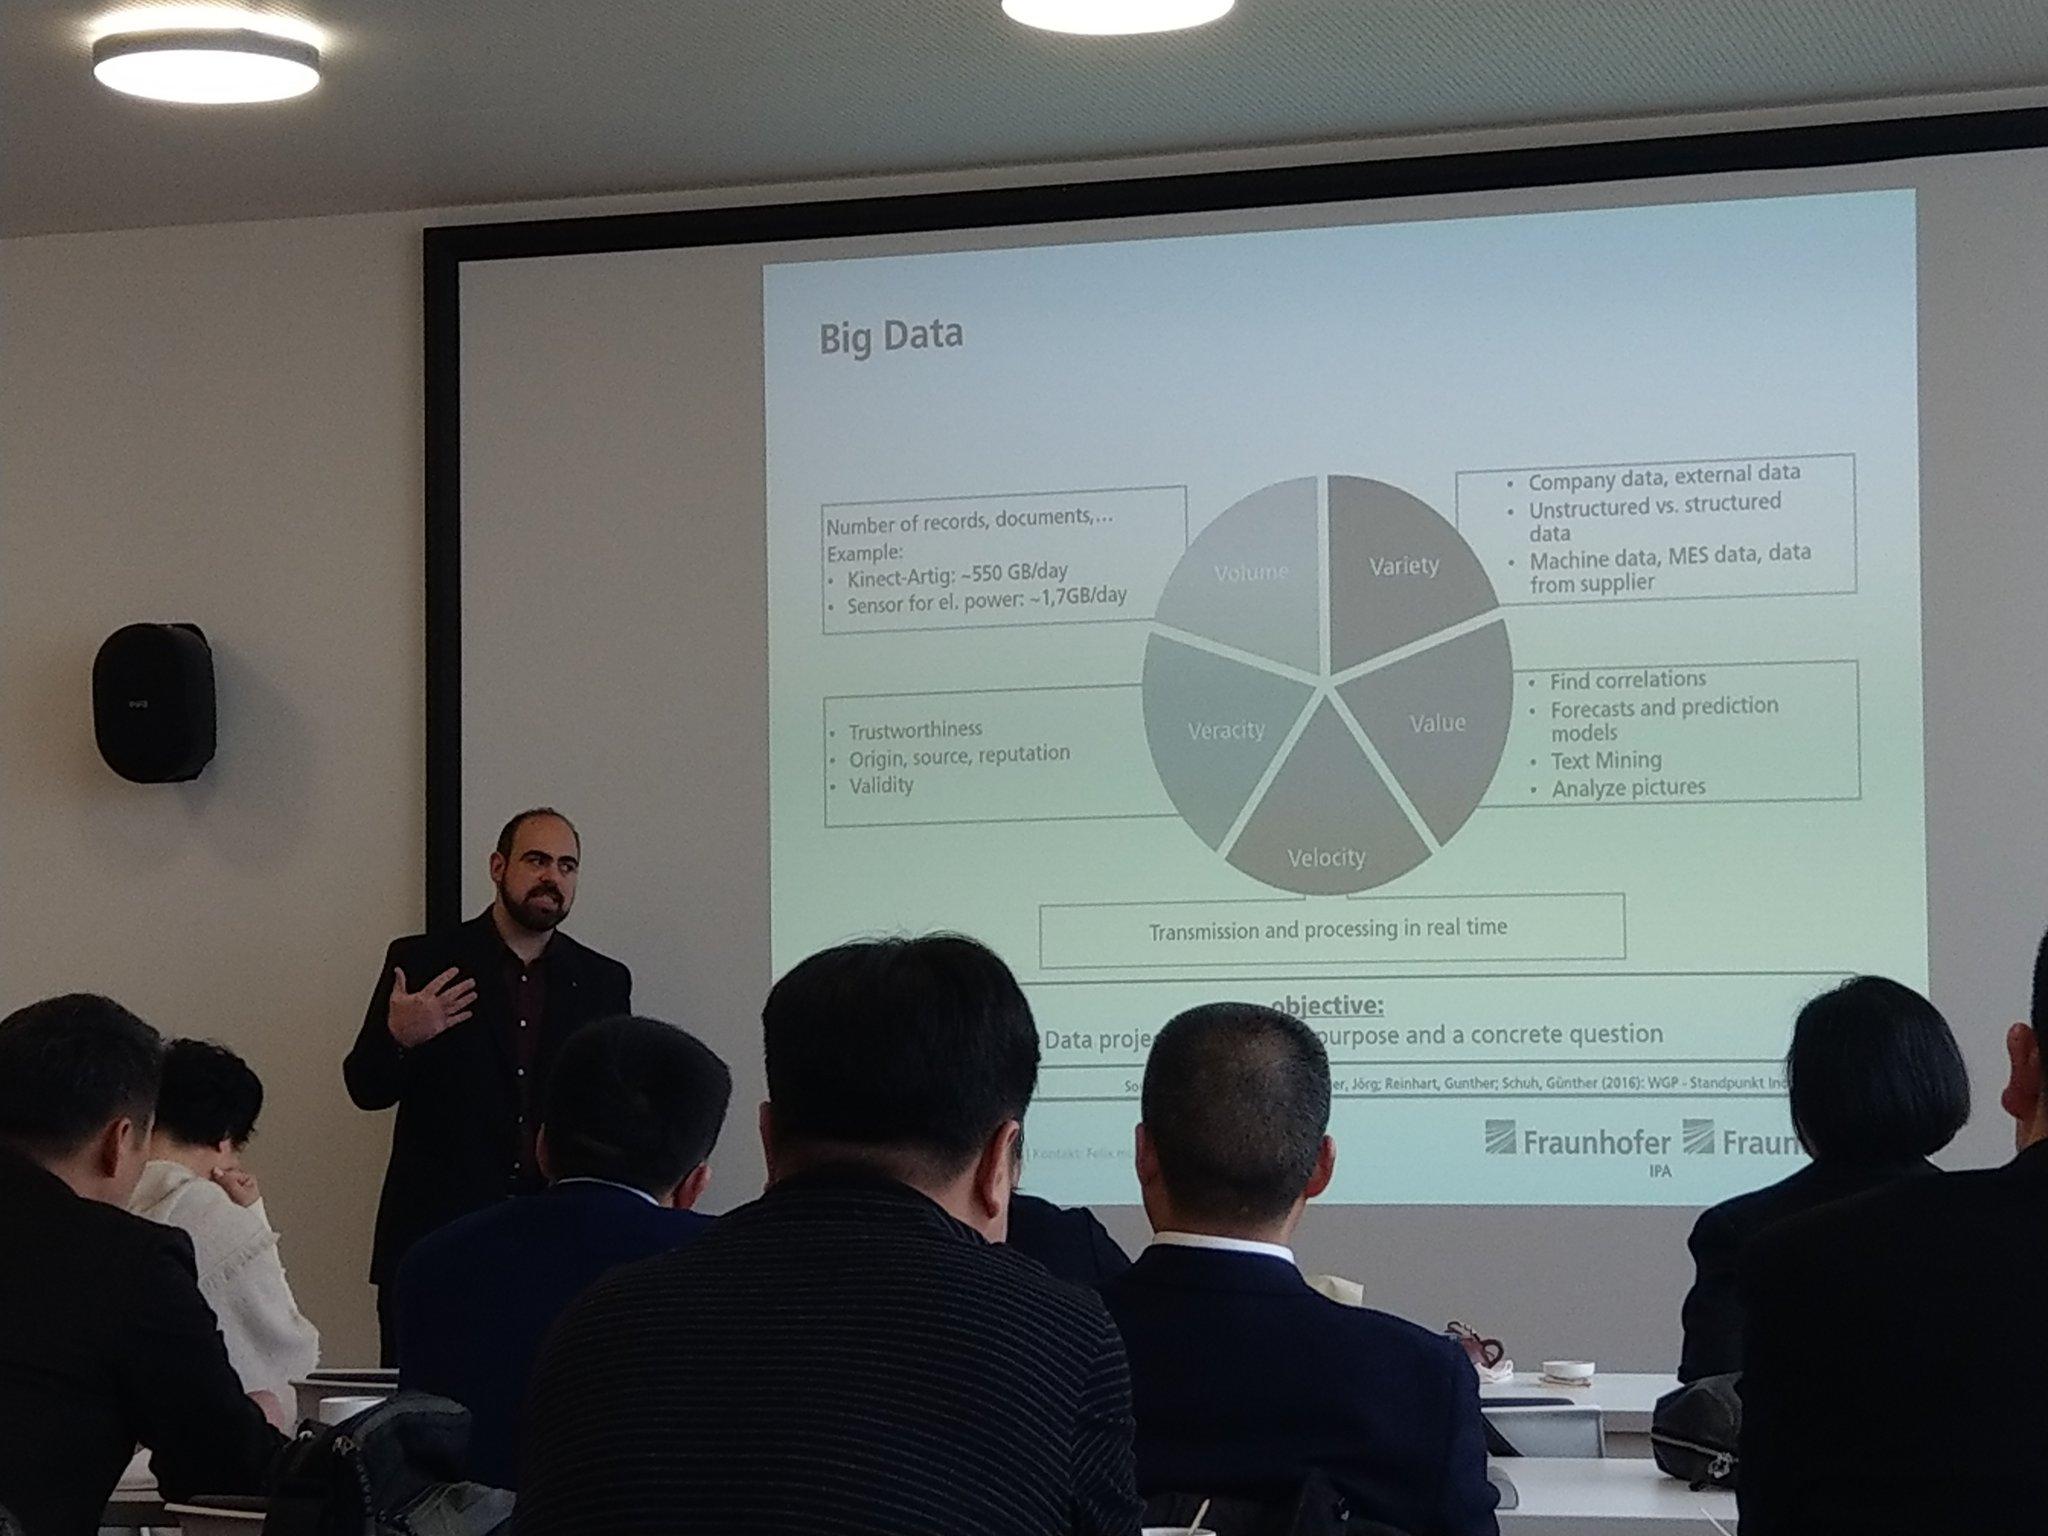 """Mein Kollege Eduardo #DataAnalytics u #MachineLearning Experte: """"nicht #BigData, am @Fraunhofer_IPA propagieren wir #SmartData"""": 1. Intelligenz dort wo die Daten sind 2. Lokal wenn möglich global wo nötig 3. Methoden um Qualität zu messen -> Neue Produktionskennzahl Datenqualität https://t.co/kdde9CrW1F"""